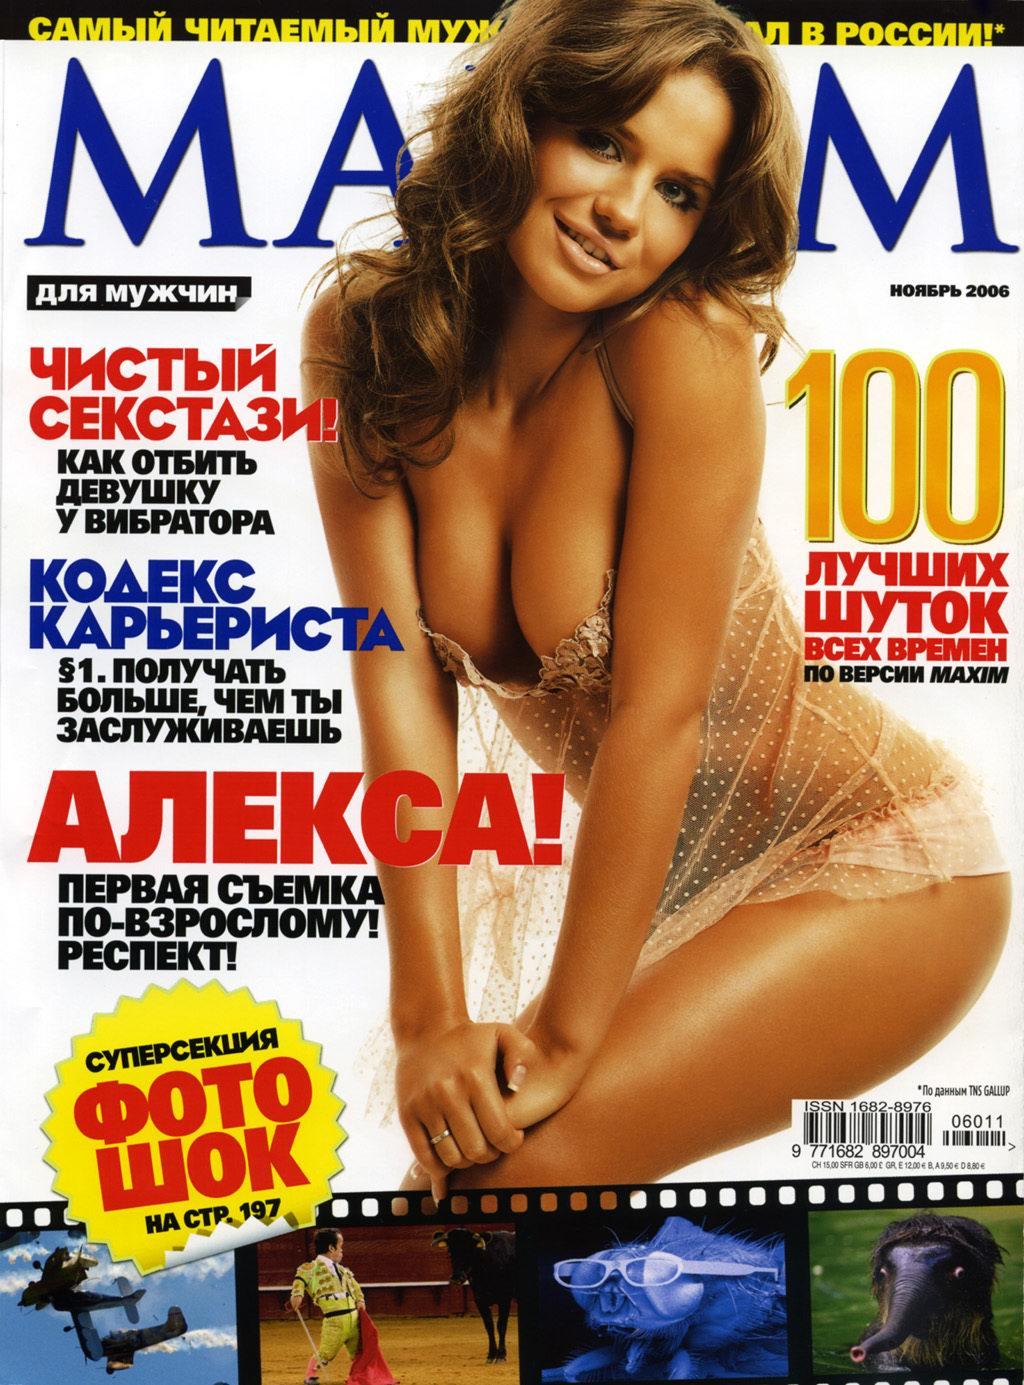 golie-russkie-znamenitosti-v-kontakte